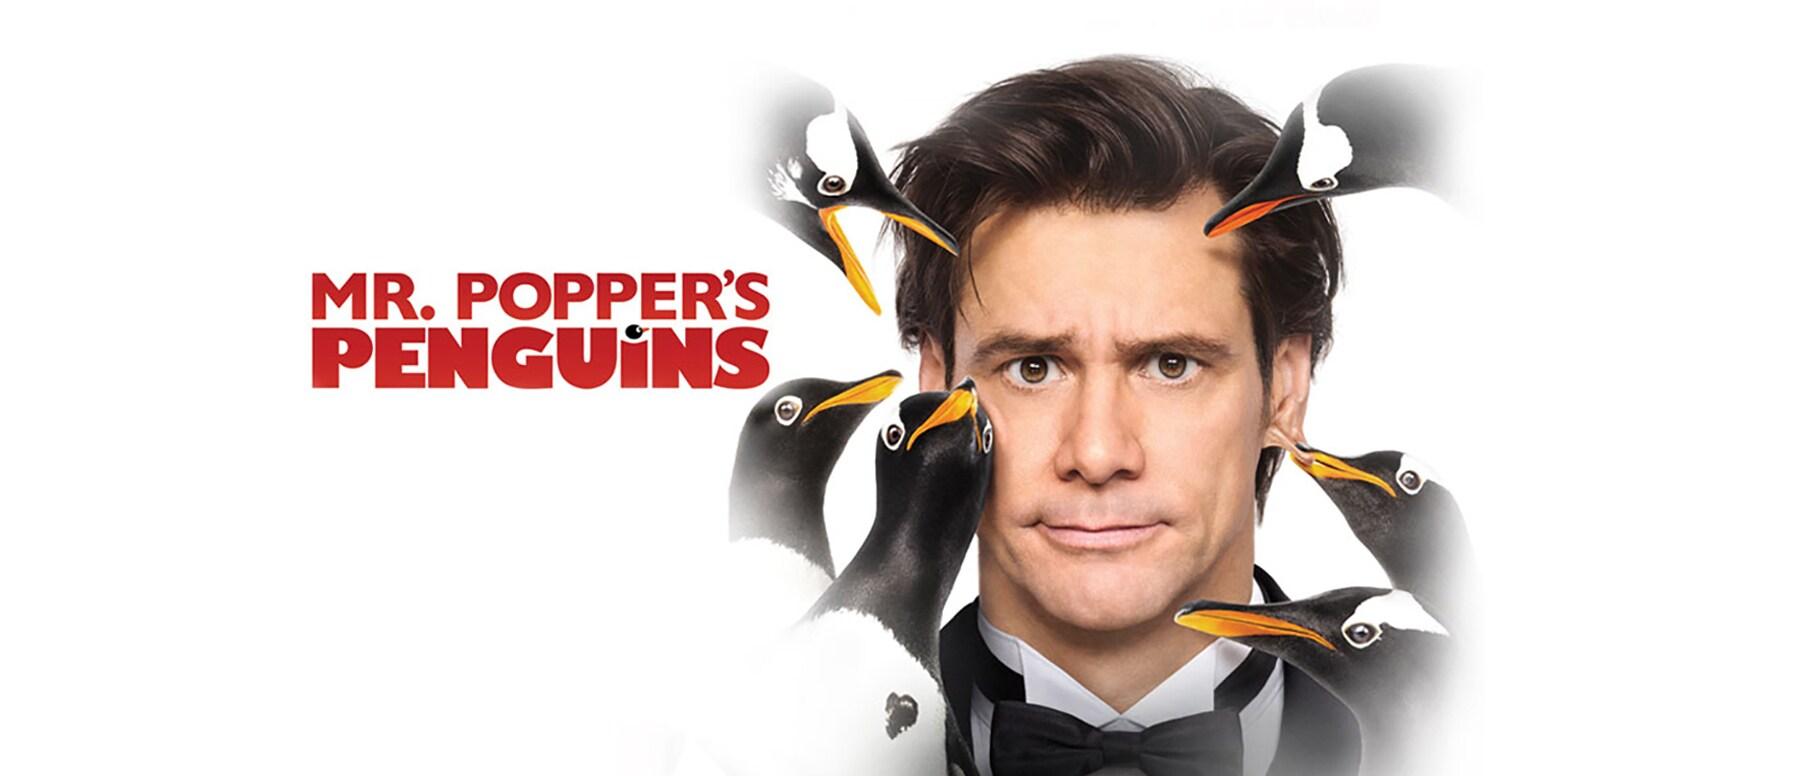 Mr. Popper's Penguins Hero